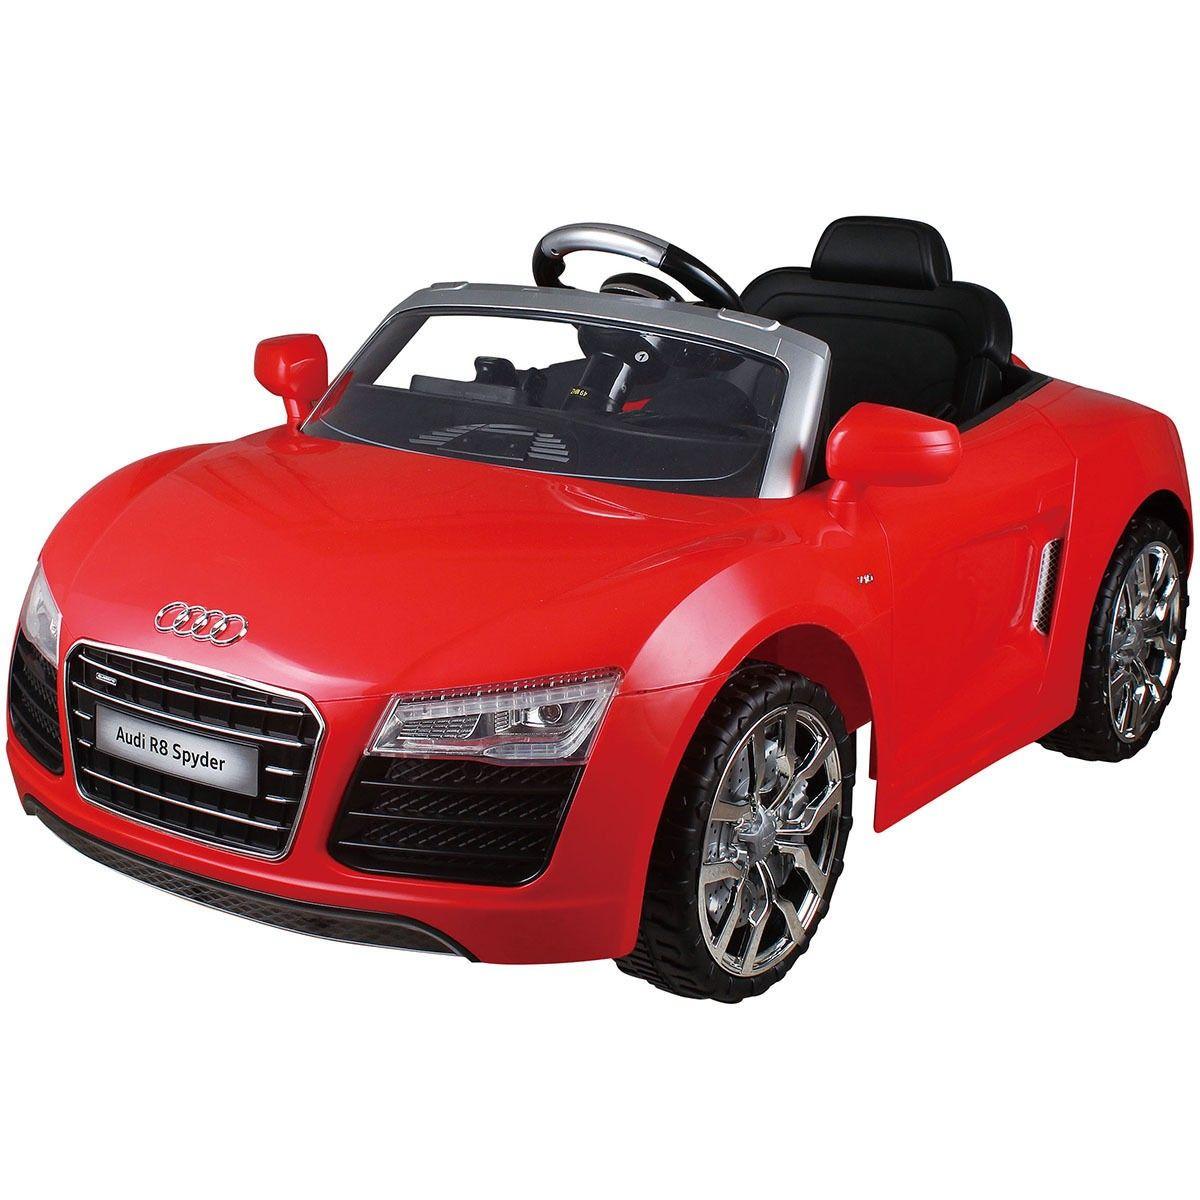 audi r8 spyder 12v electric kids ride on car licensed mp3 rc remote control 2 color